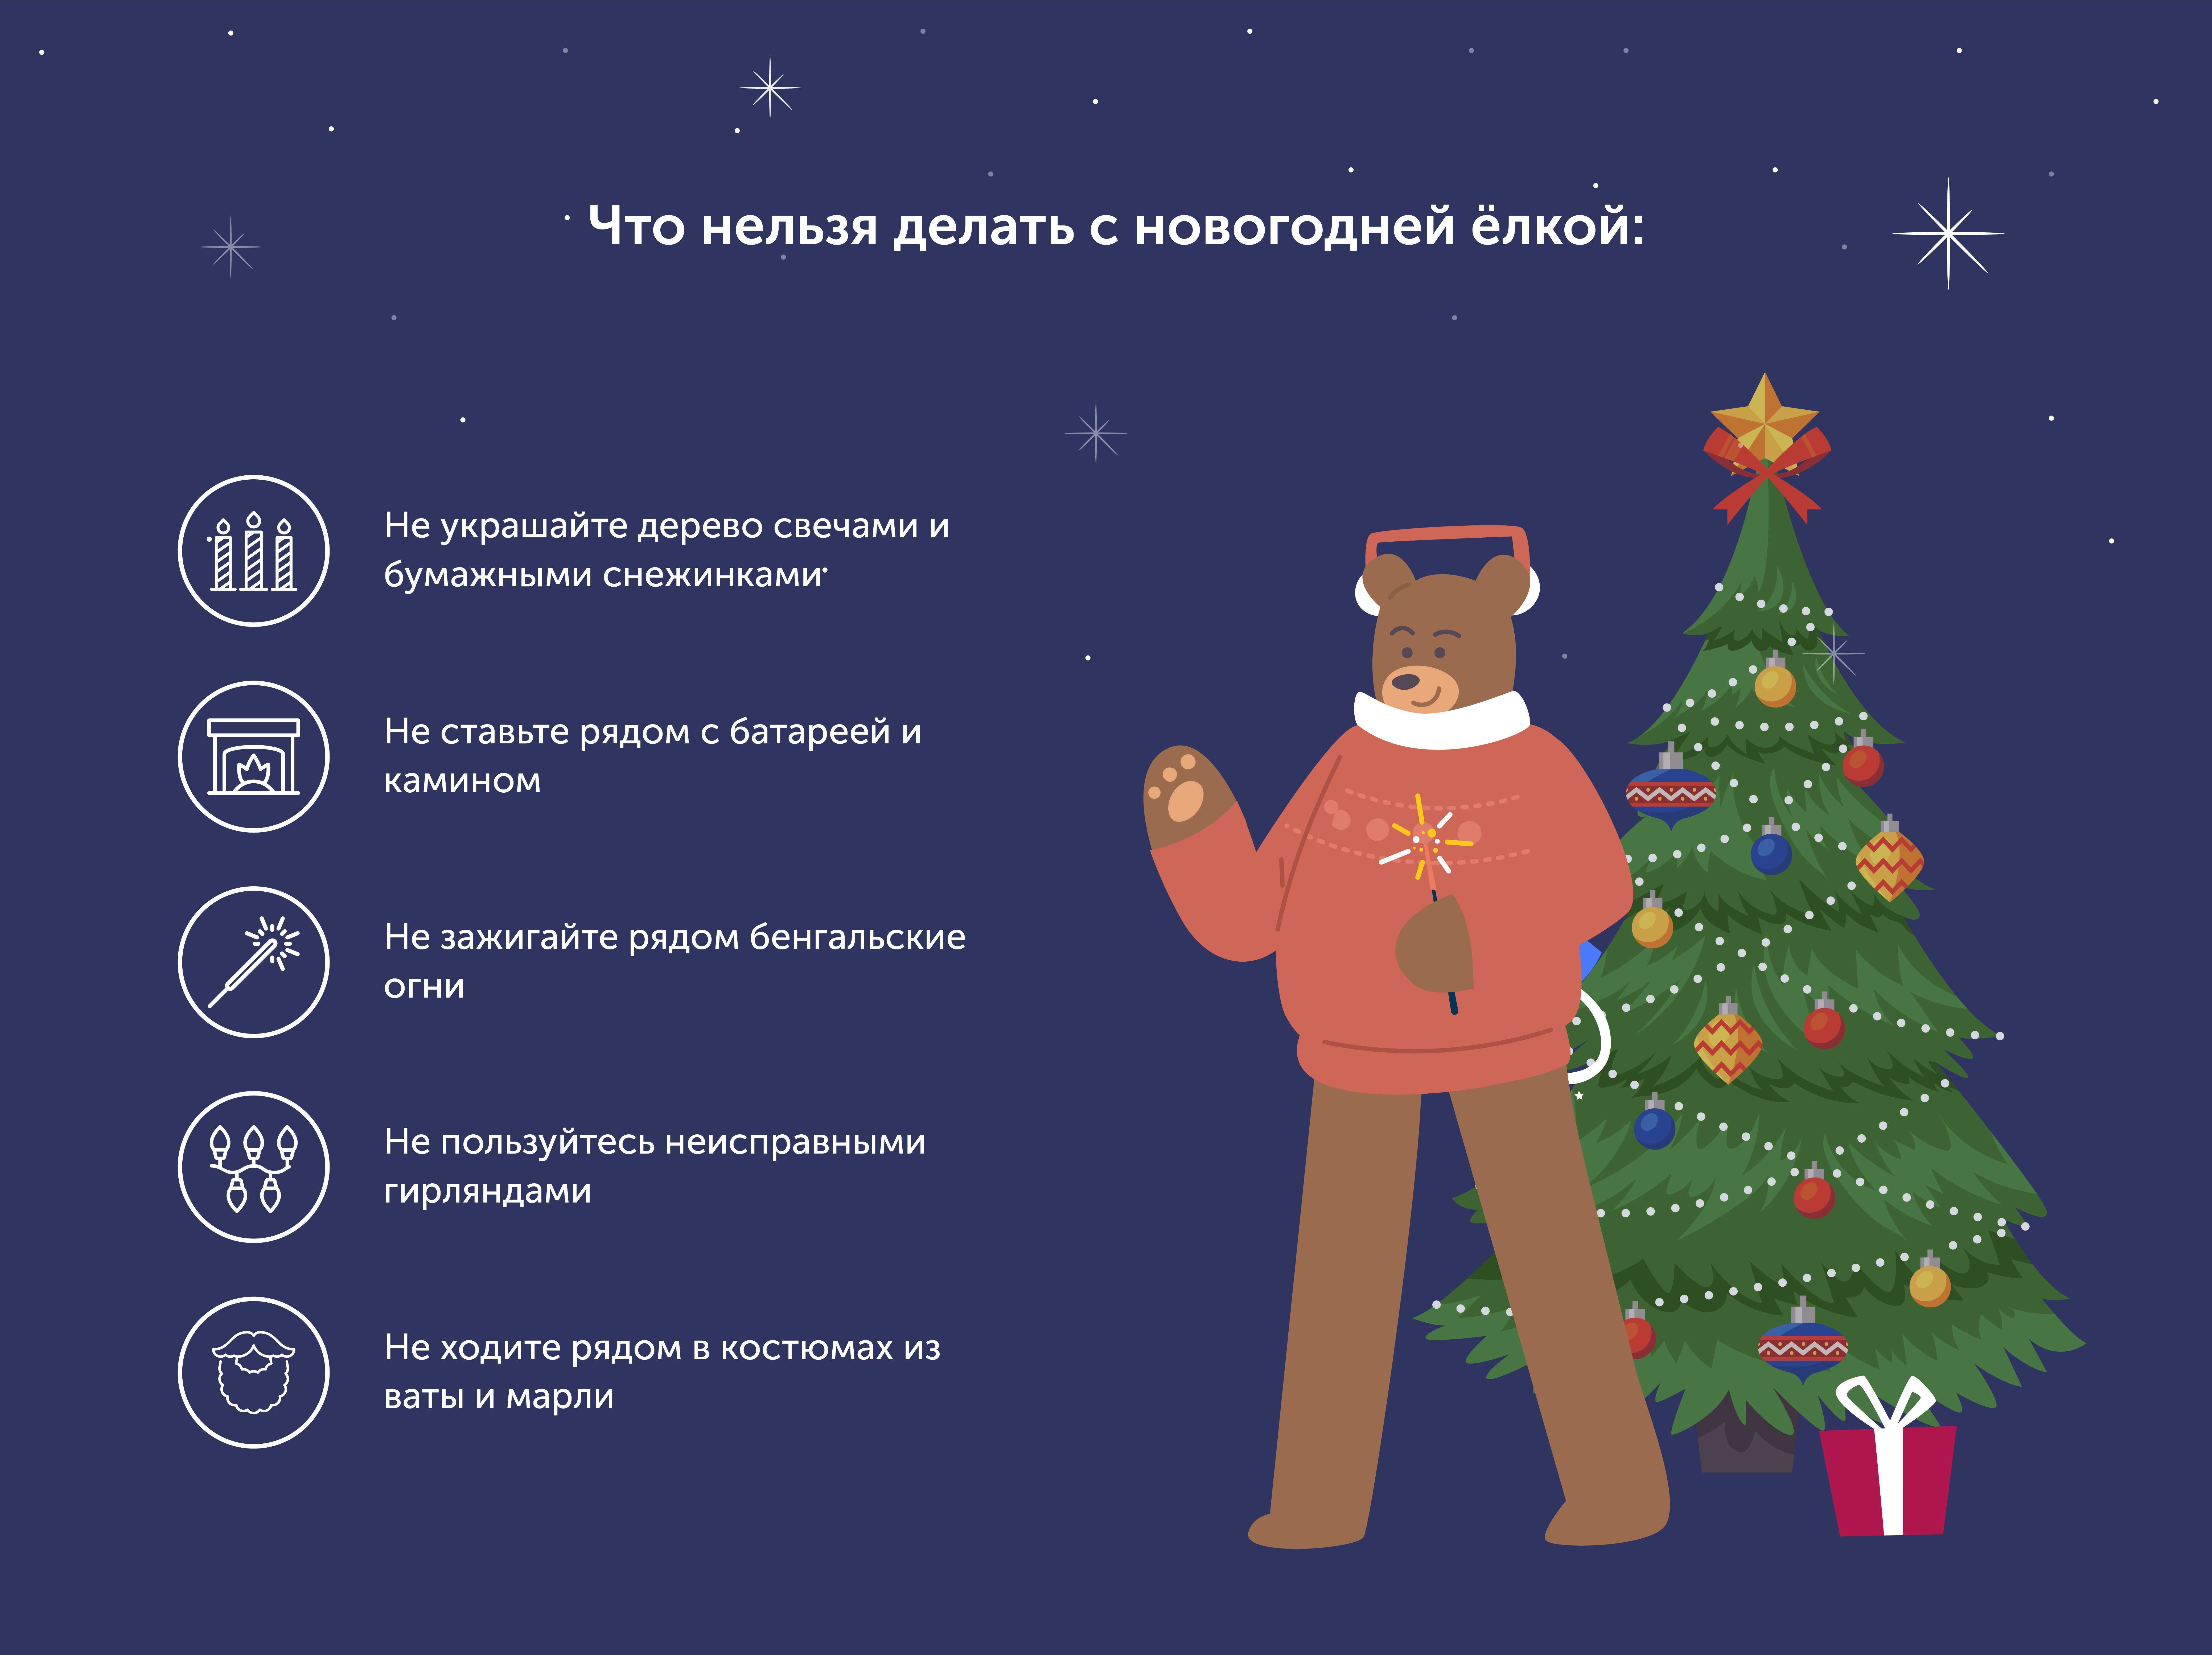 10 запретов на новый год: что нельзя делать в канун праздника